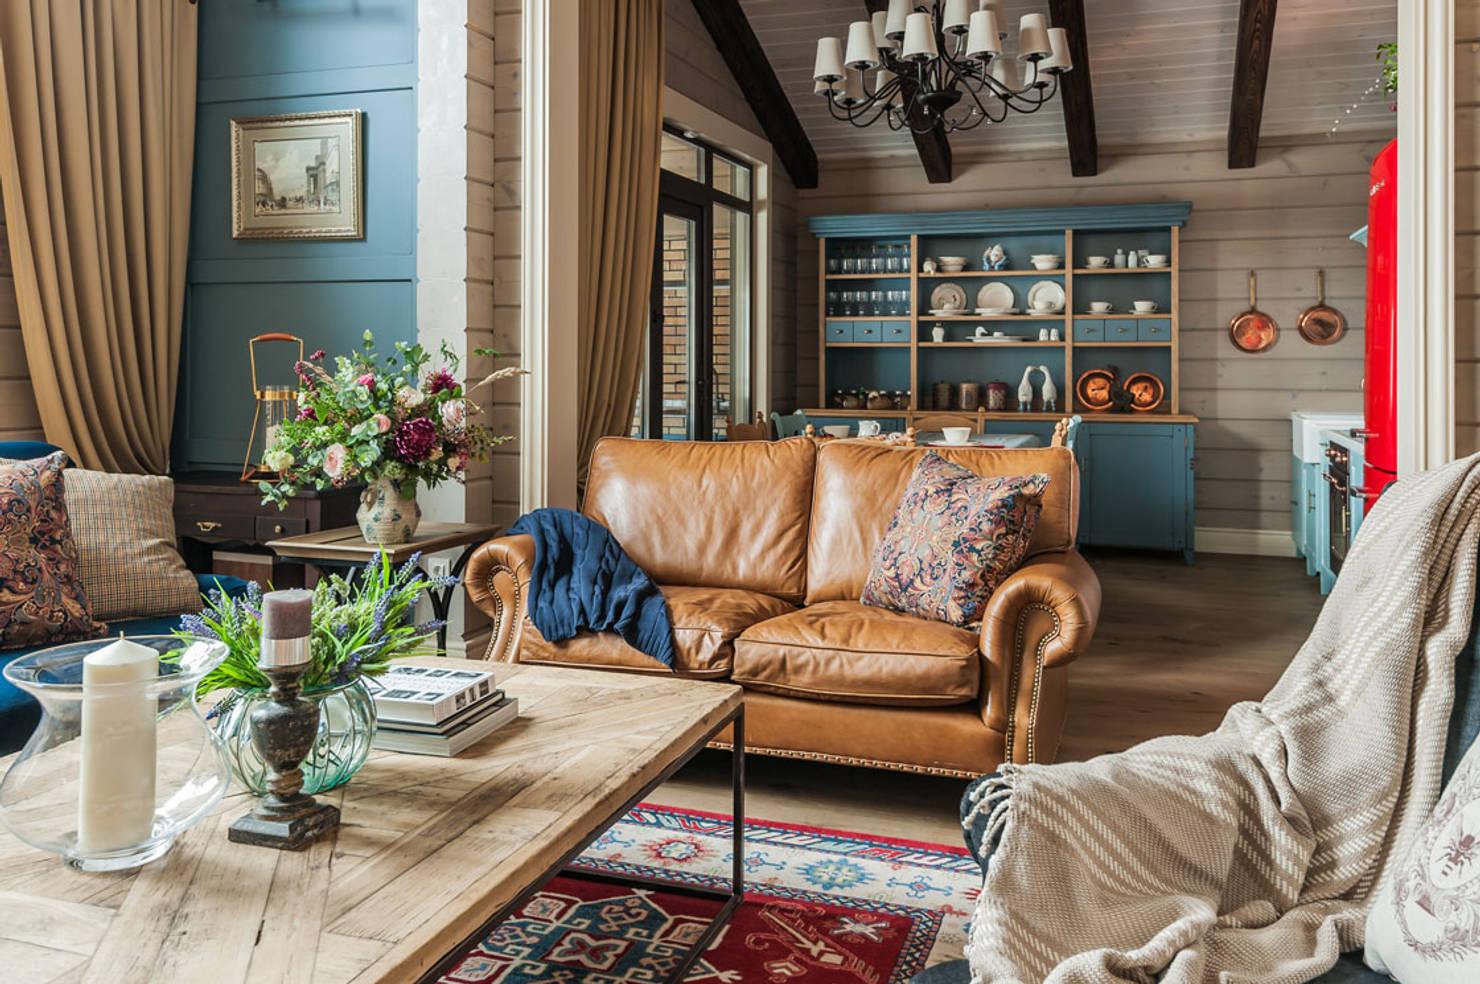 Деревянный потолок в дизайне интерьера: 8 фотоидей